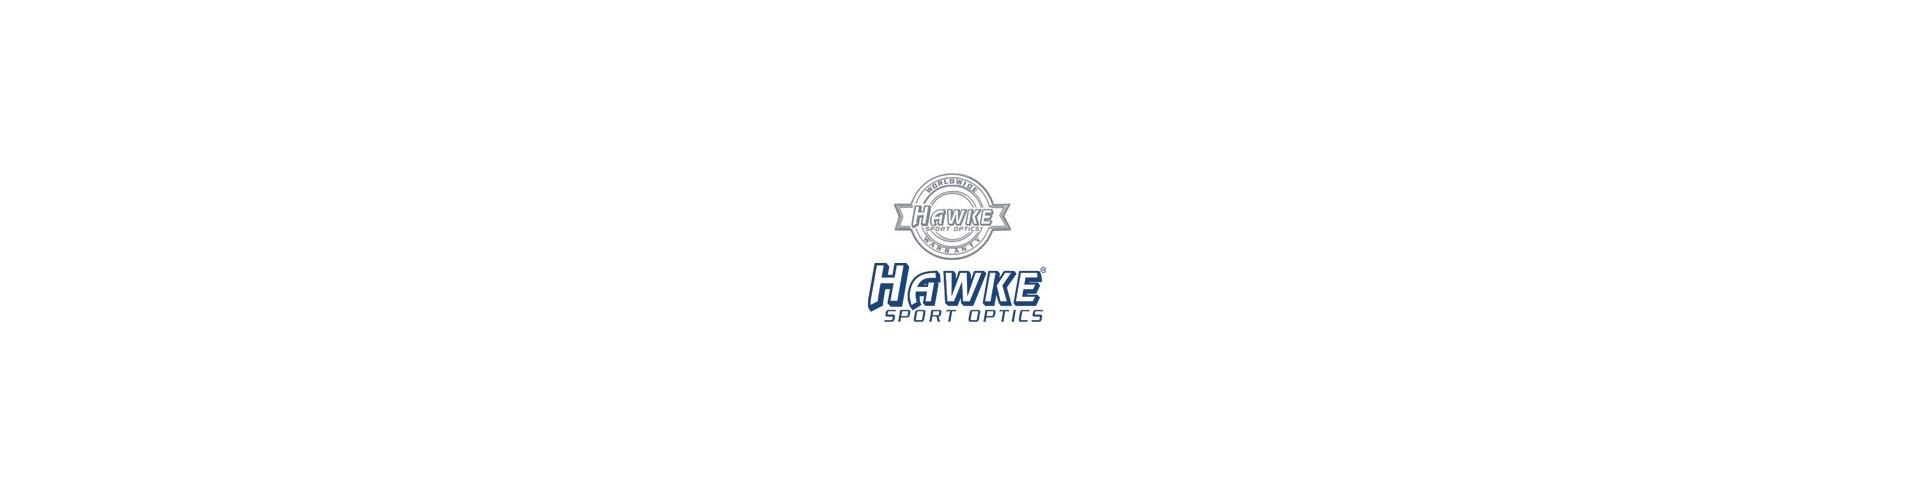 Hawke kikkert - Stort udvalg af Hawke håndkikkerter og kikkerter